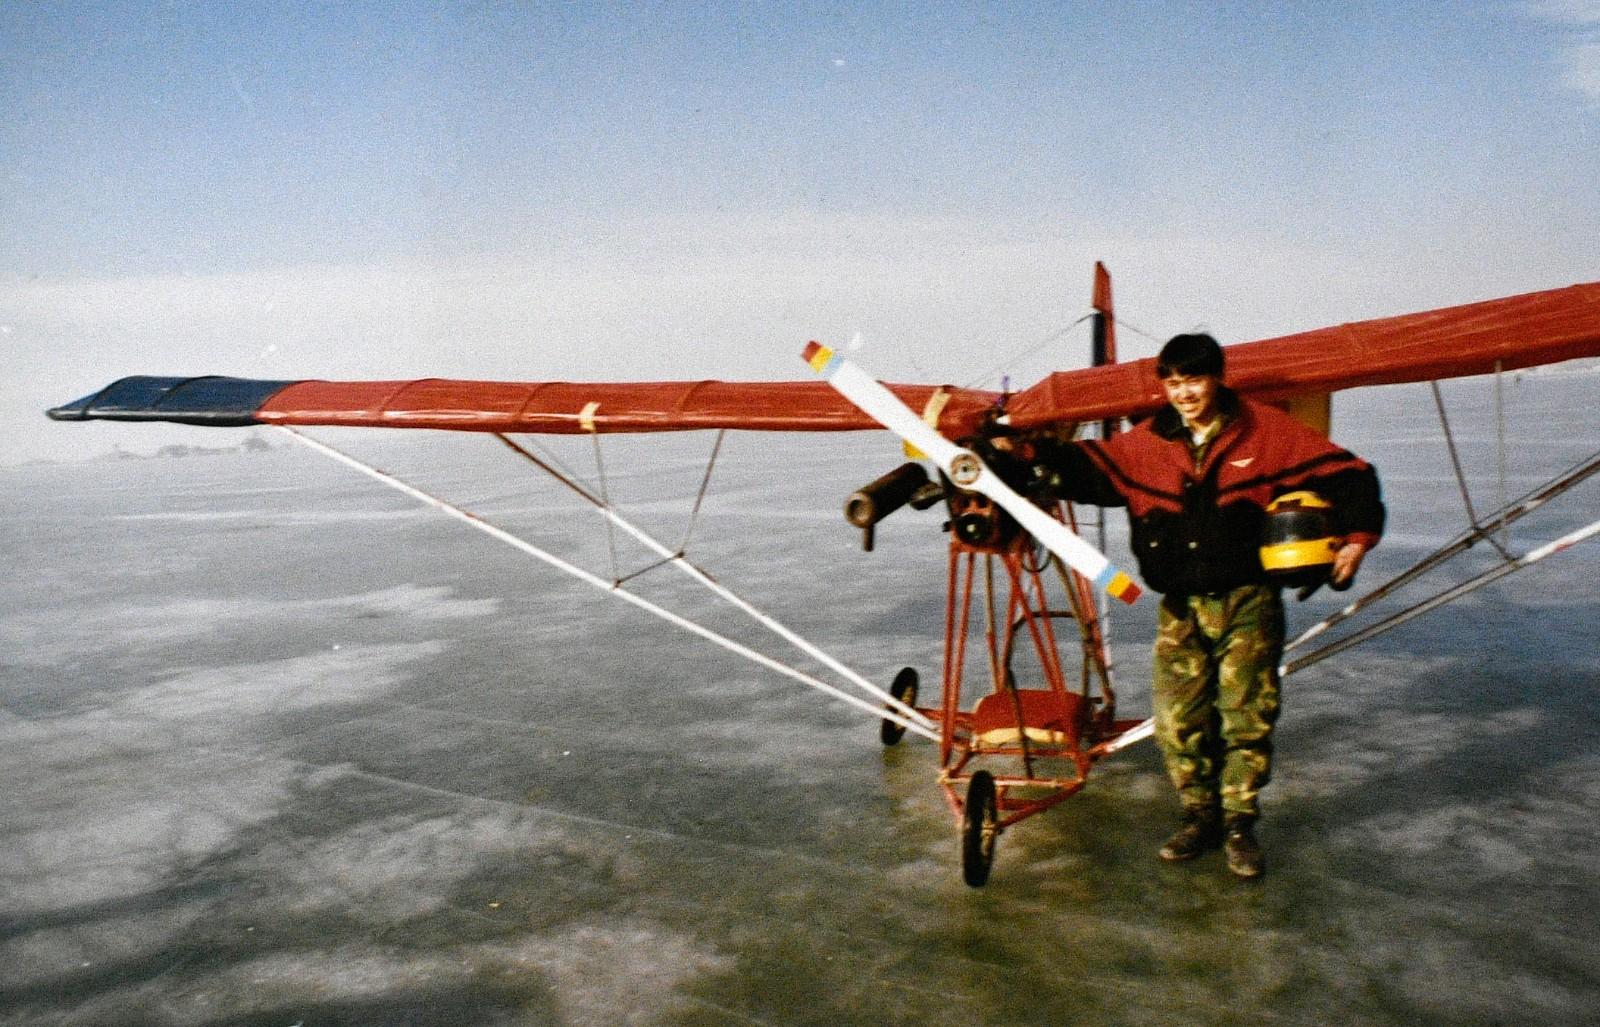 1996年,刘亦兵与自己制造的飞机合影。